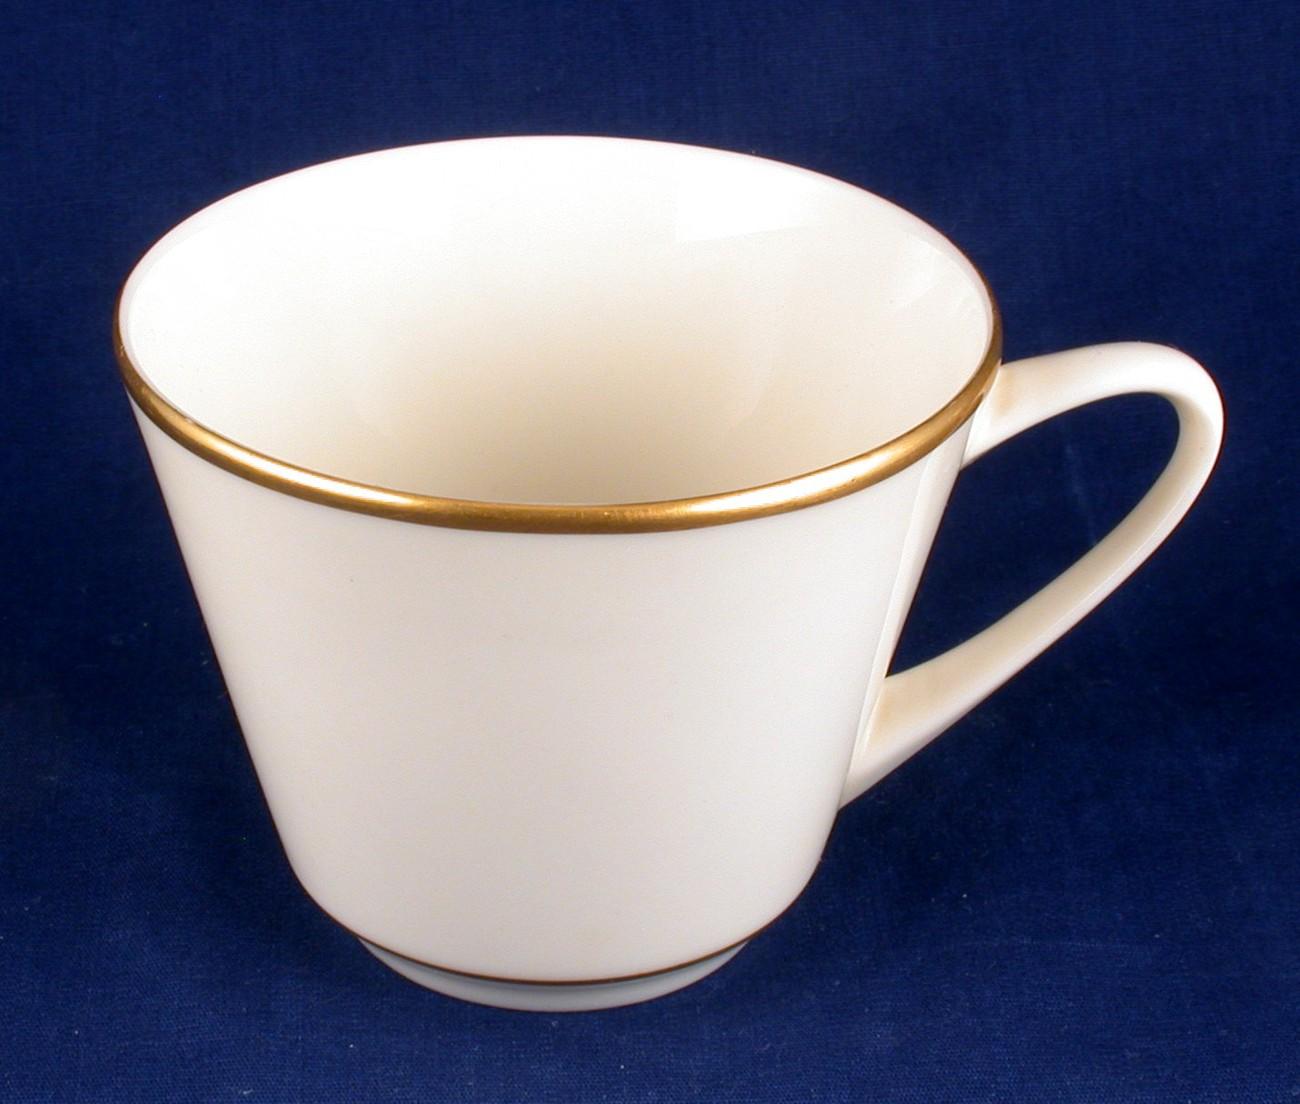 Lenox reverie cup gold